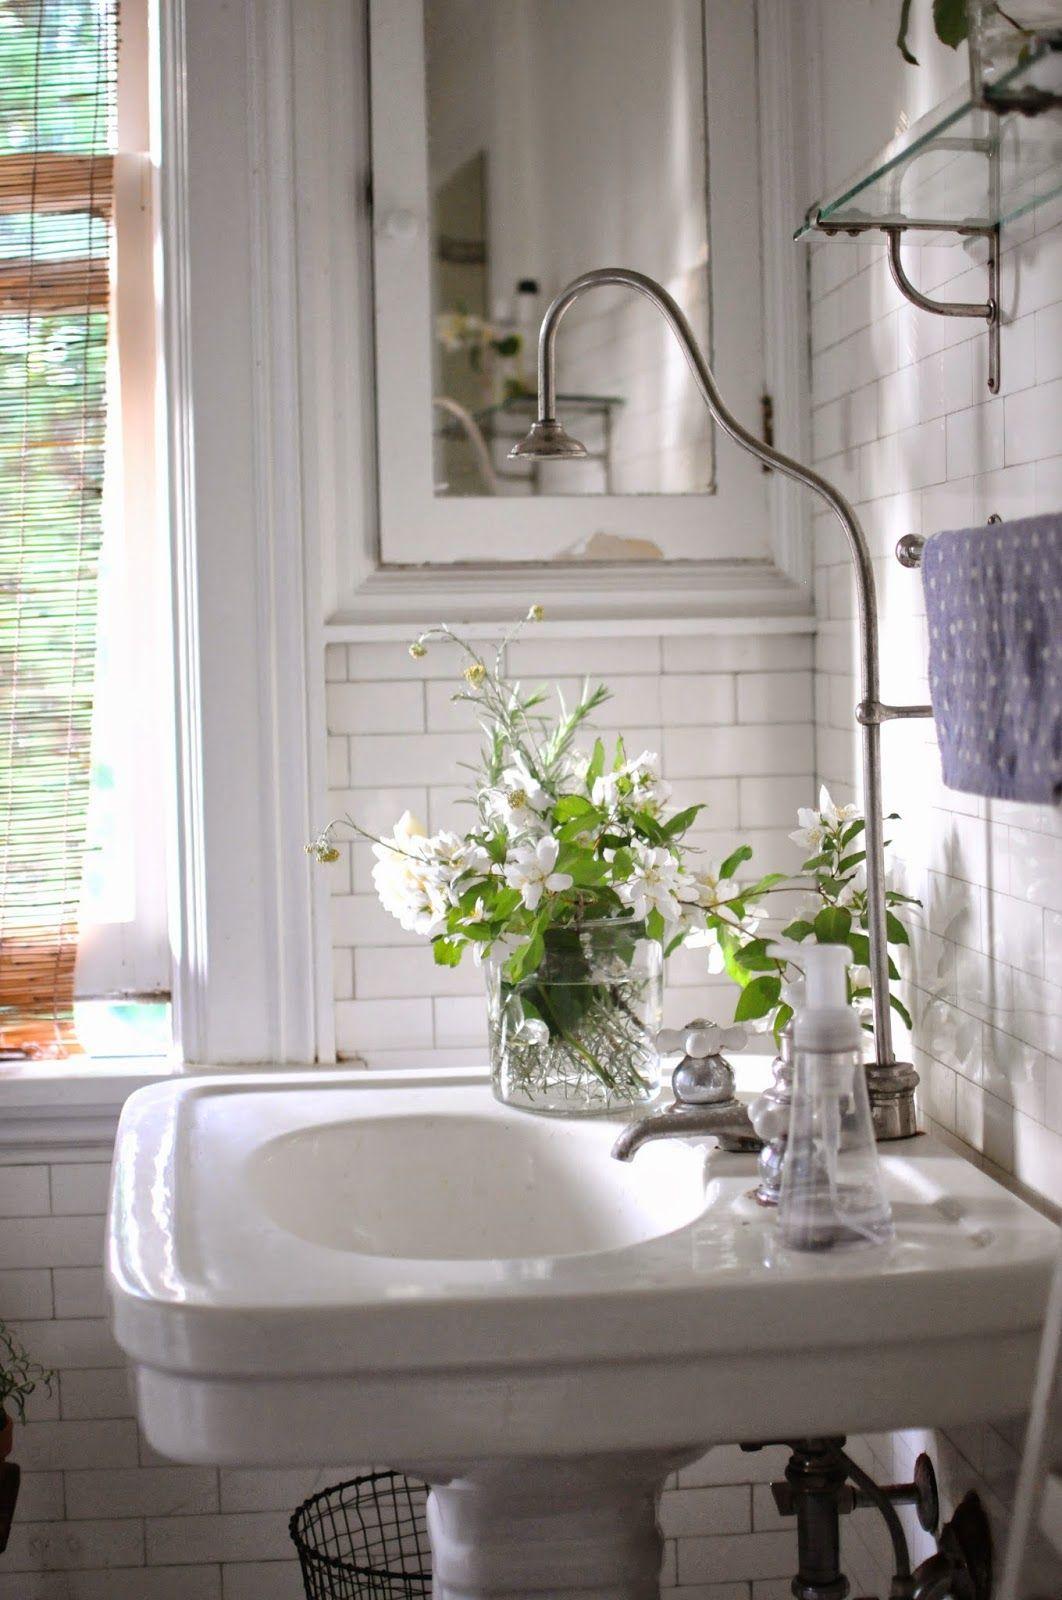 我們看到了。我們是生活@家。: 美國Portland花藝設計師&道具風格師Chelsea Fuss的家